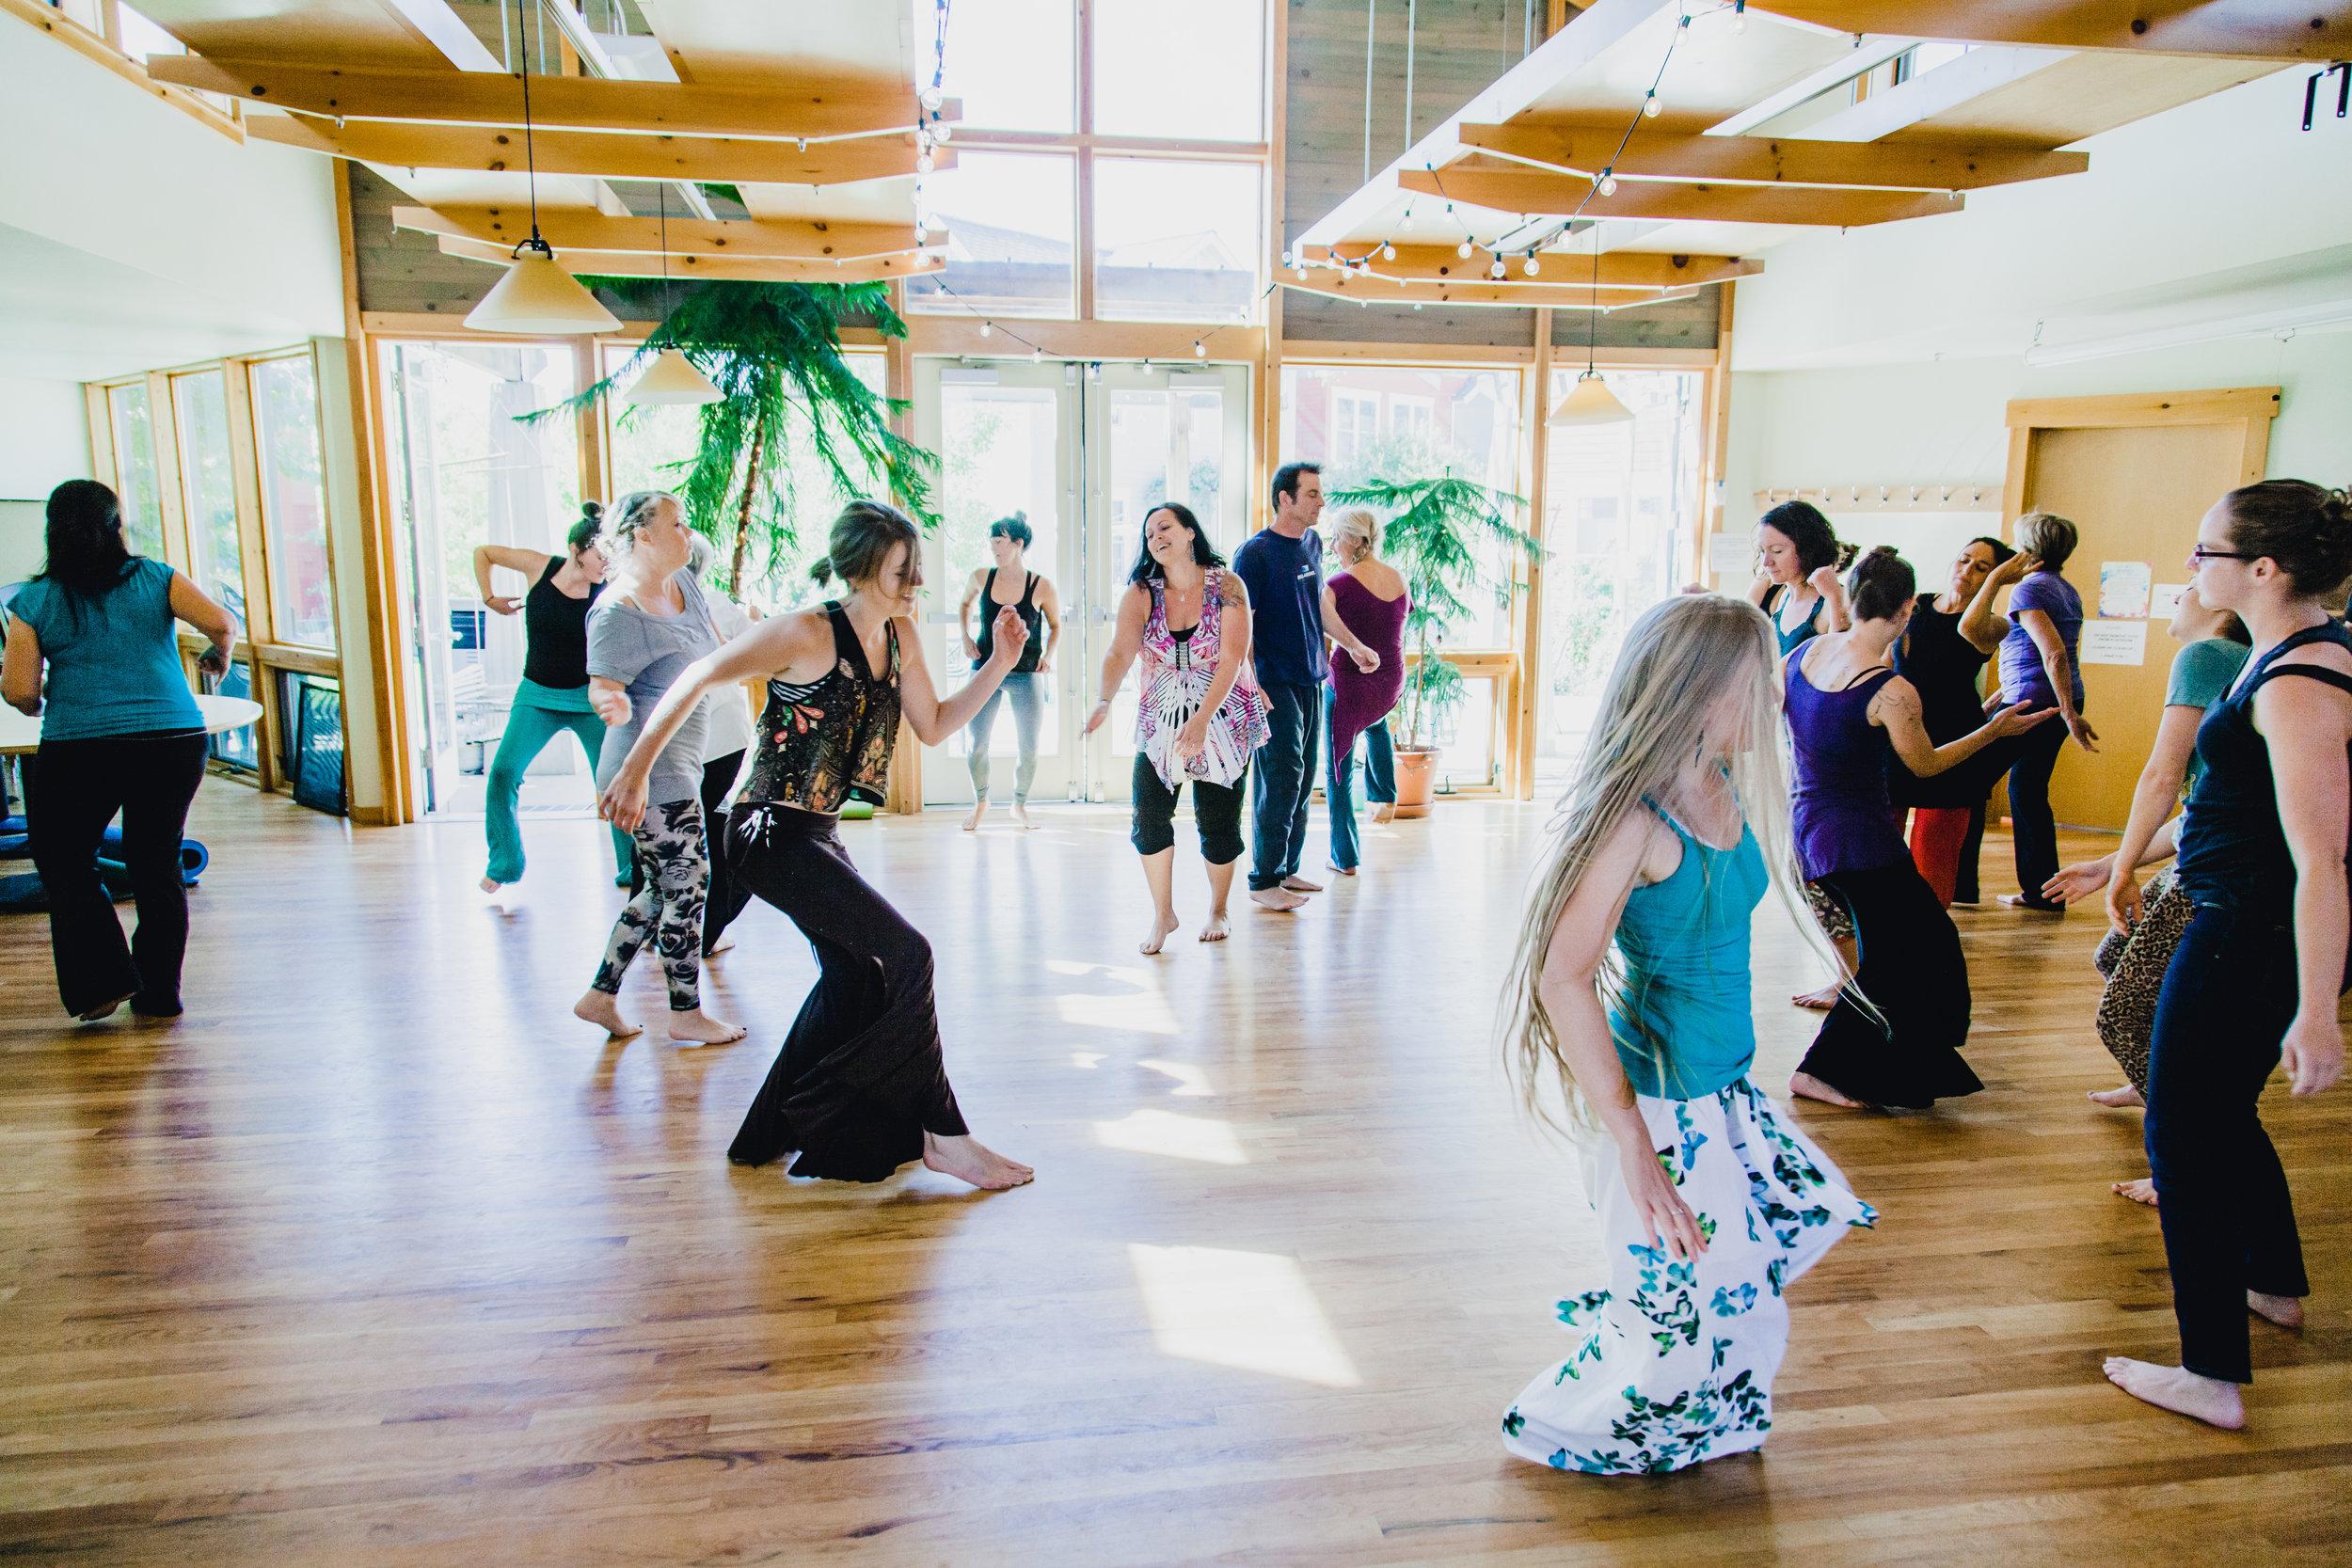 full floor video dance.jpg